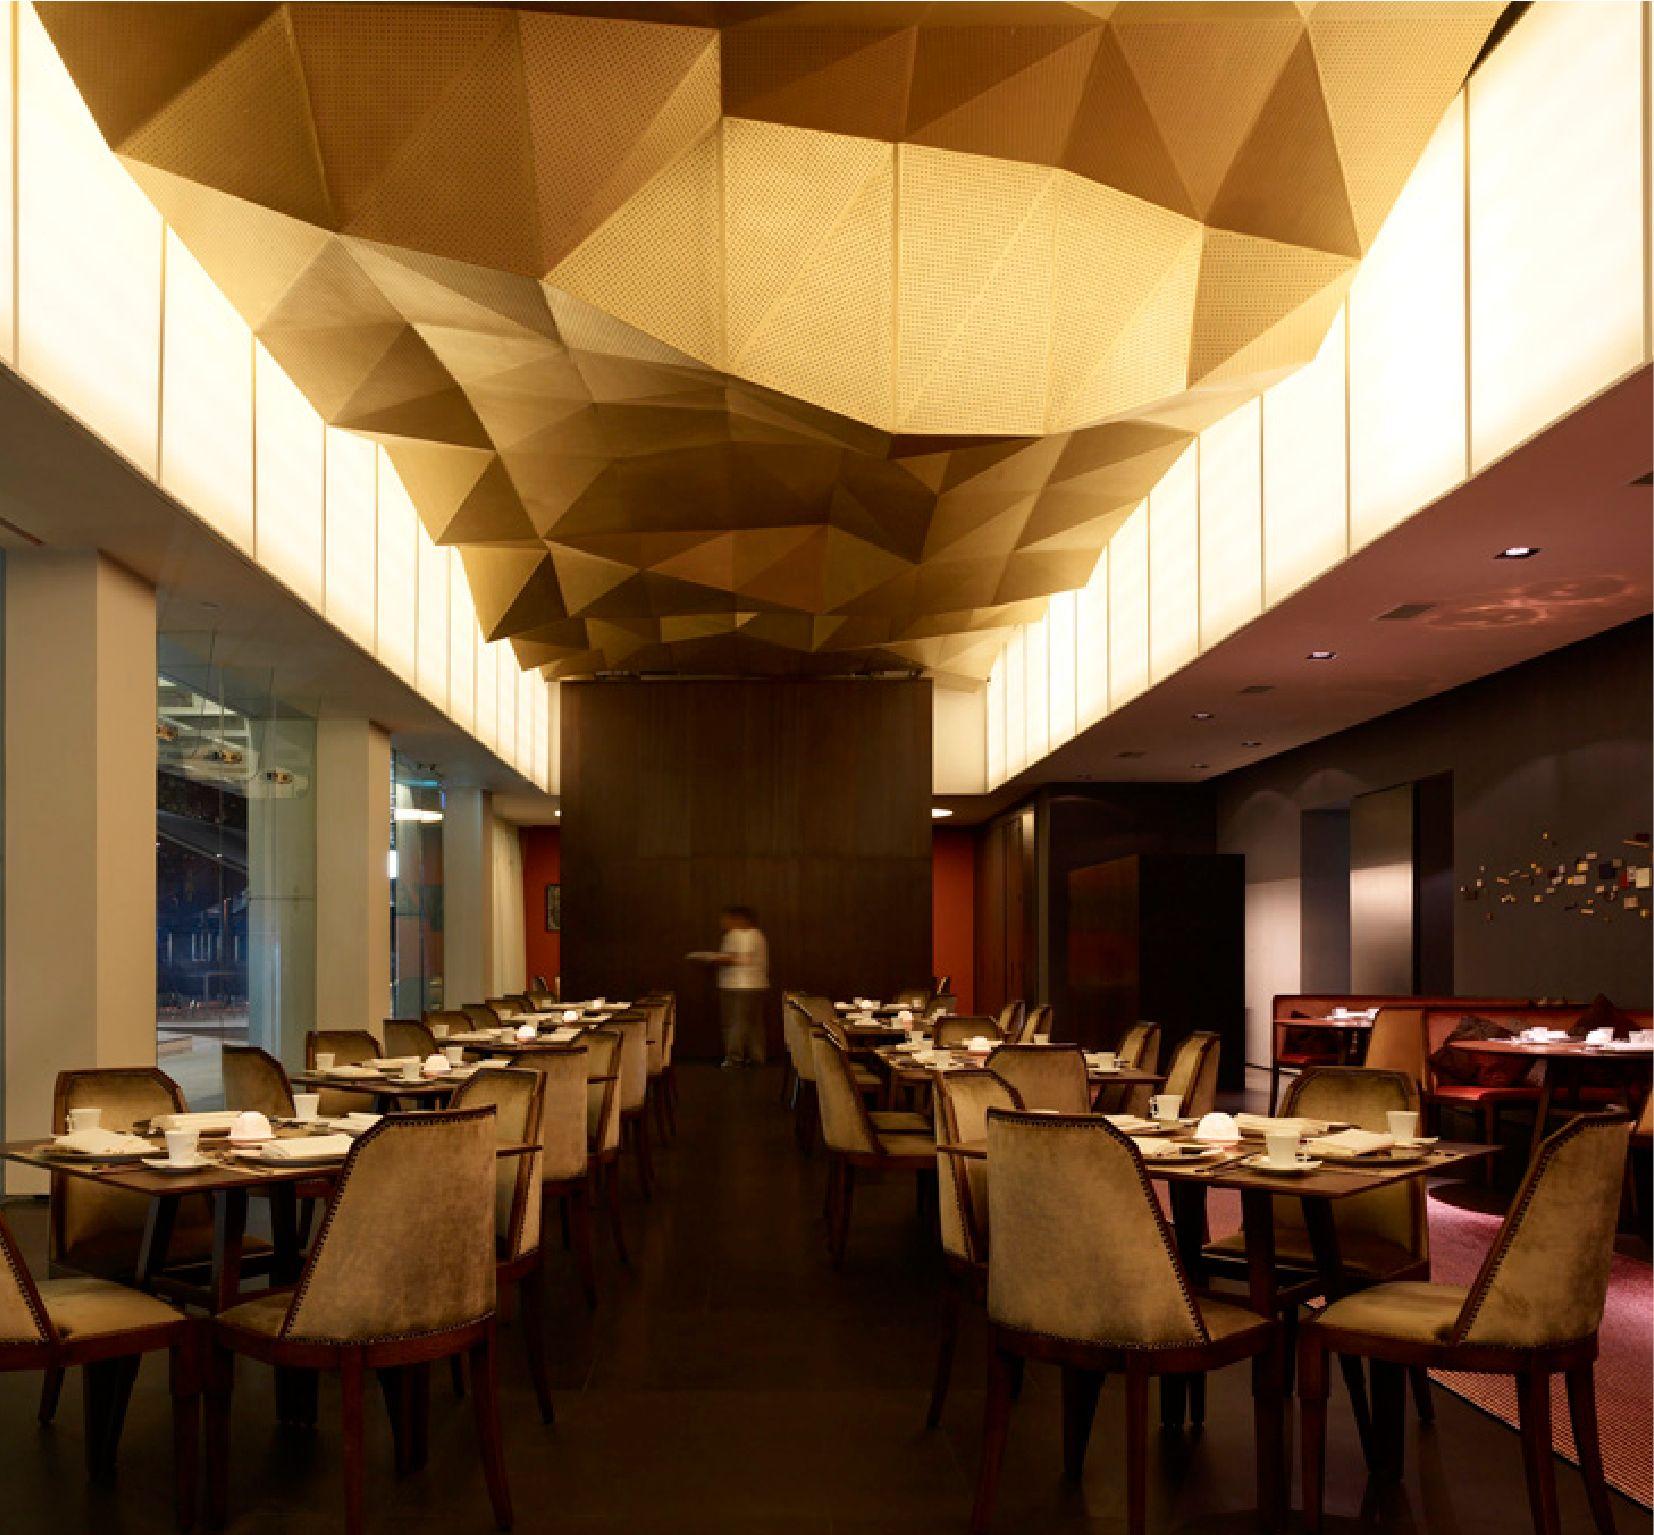 04-Architecture-Interieur-Aménagement-Restaurant-Cuisine-Singapour ...